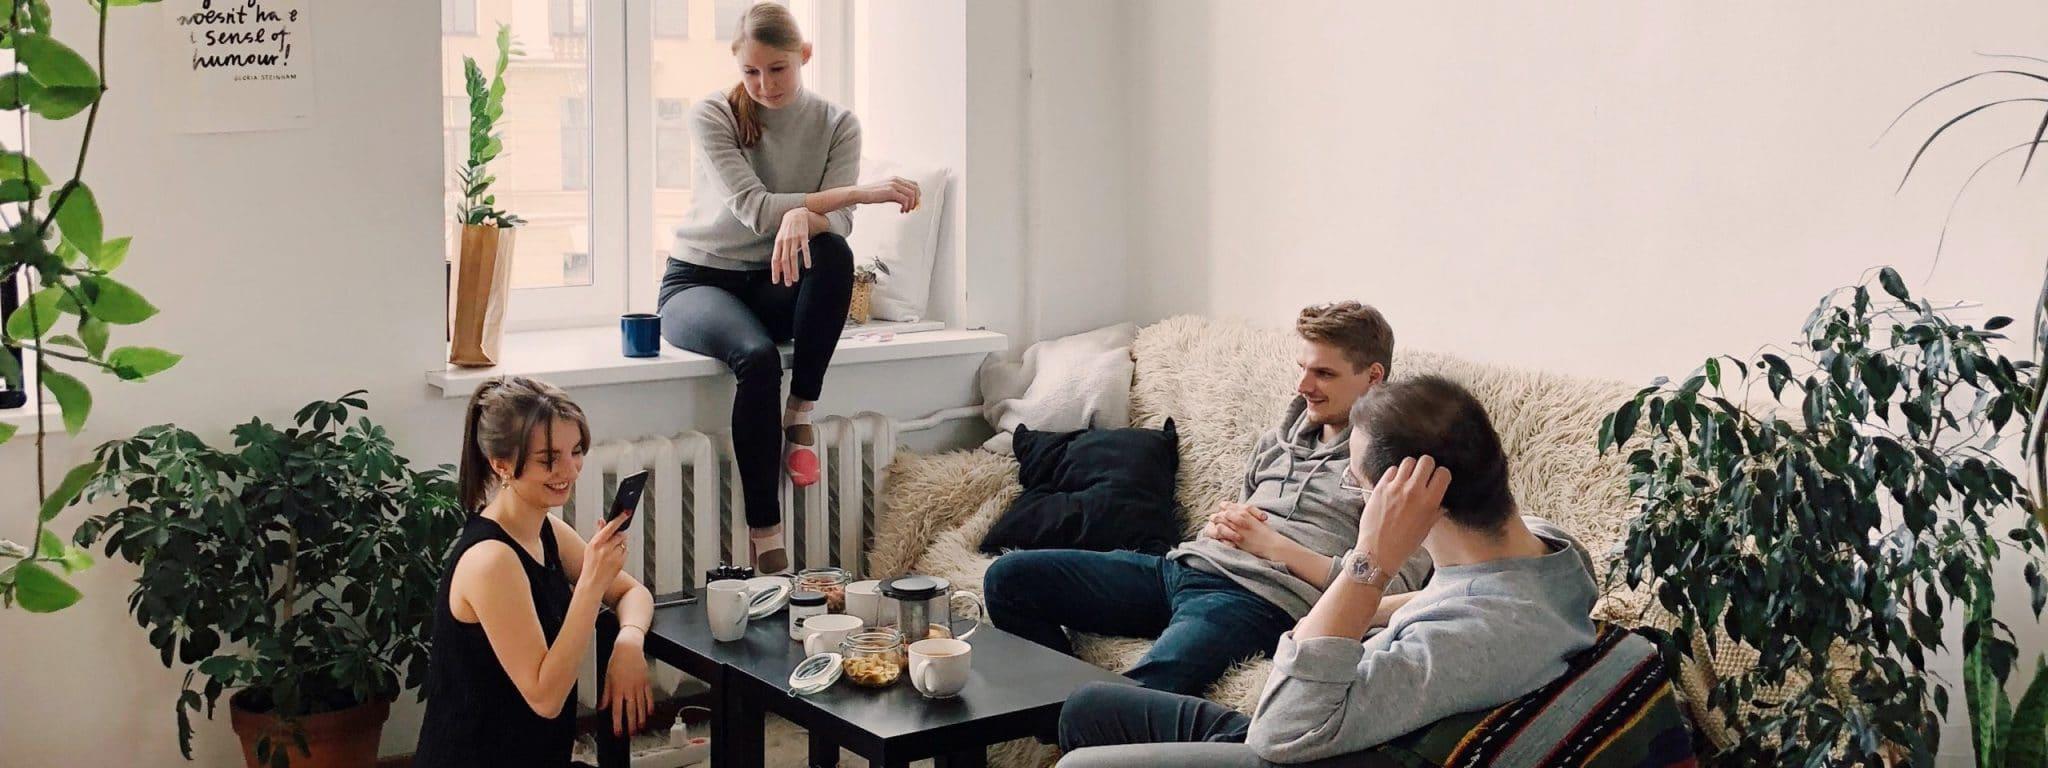 people gathered inside house sitting on sofa 1054974 scaled